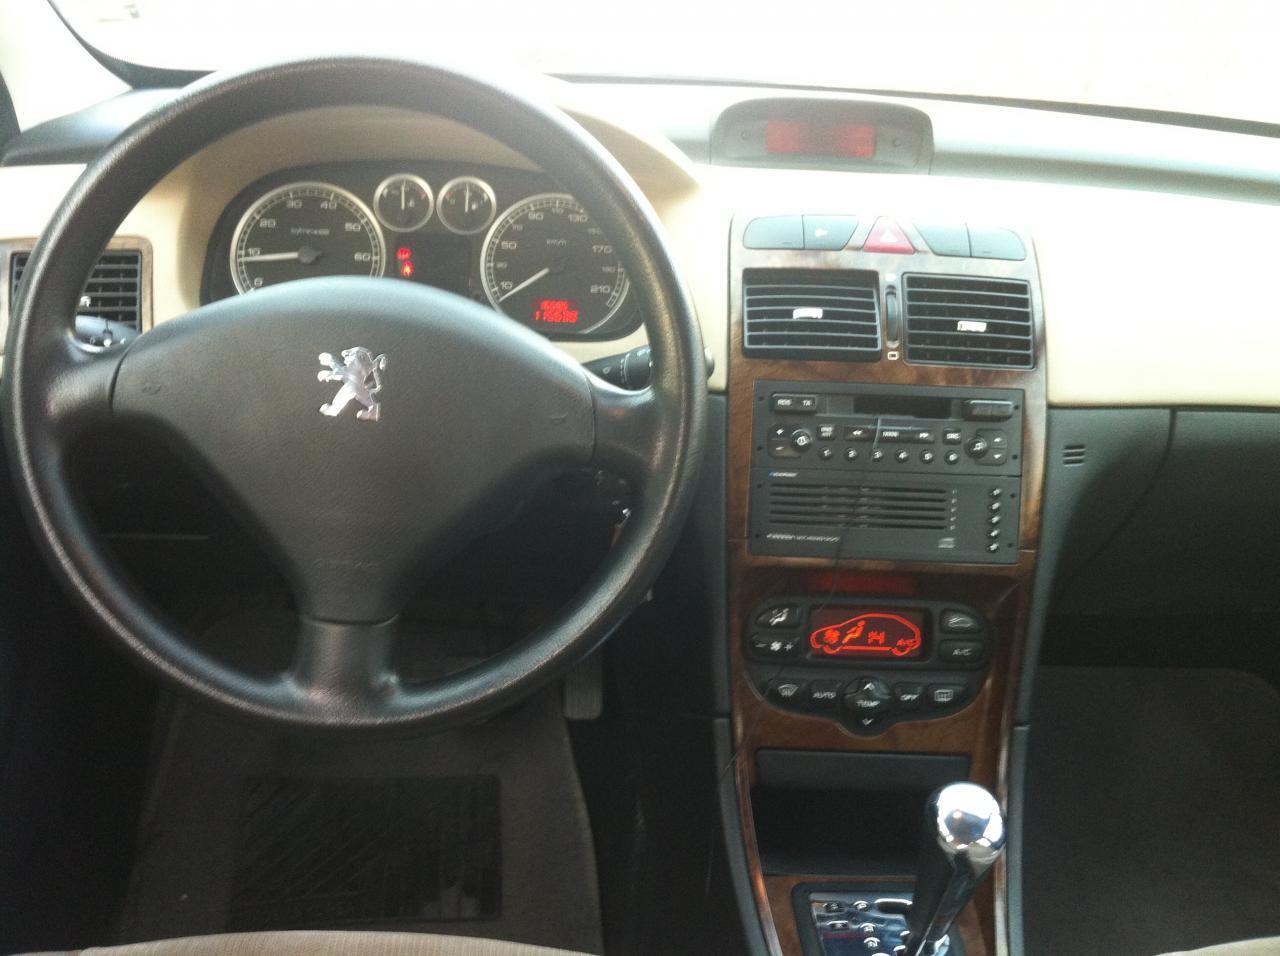 بالصور سيارة بيجو 307 , مميزات وعيوب سياره بيجو 2090 4